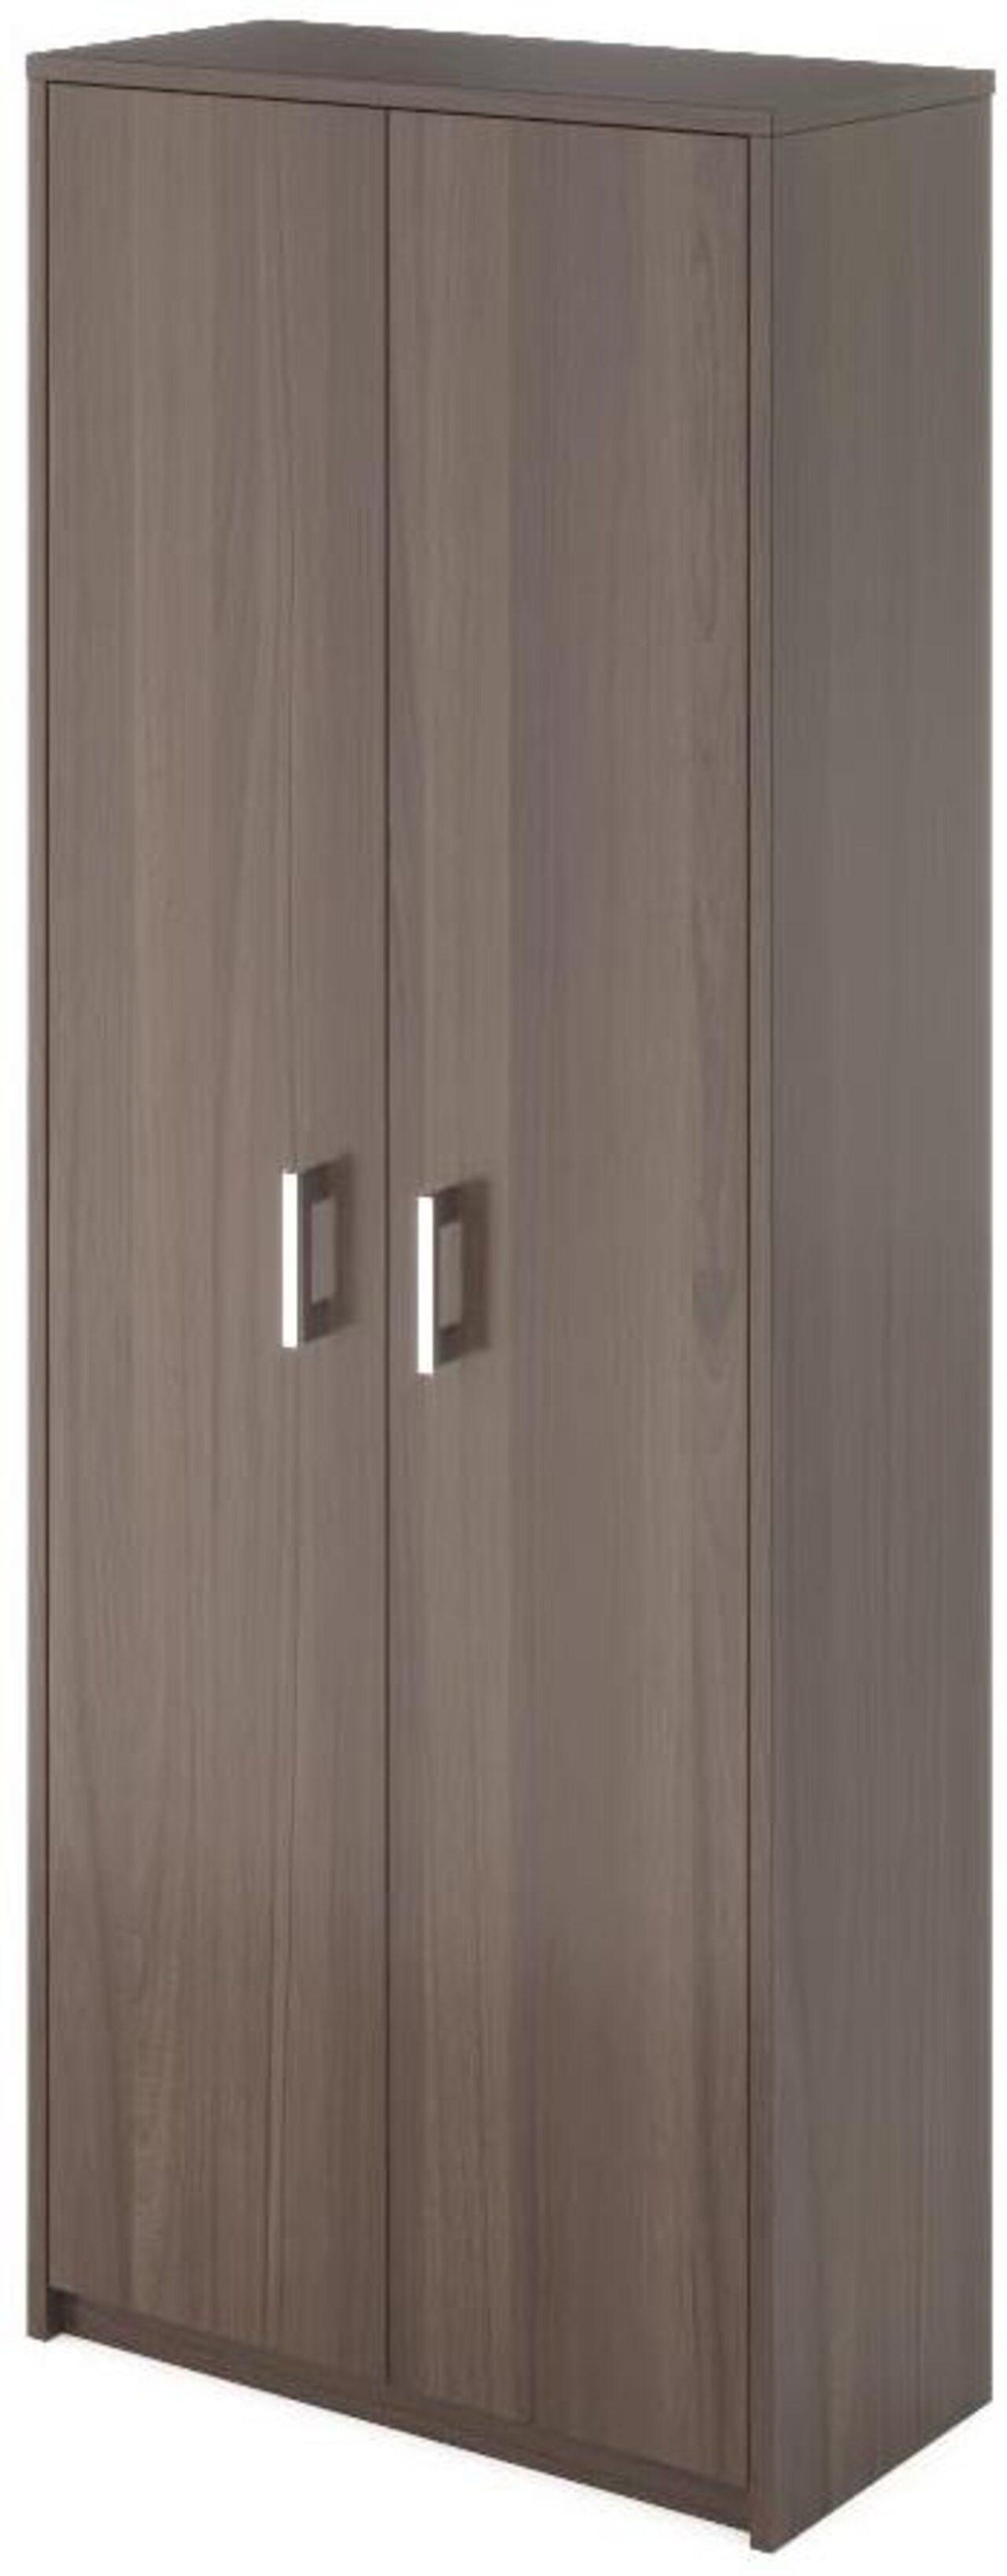 Шкаф для одежды  Арго 77x58x200 - фото 8